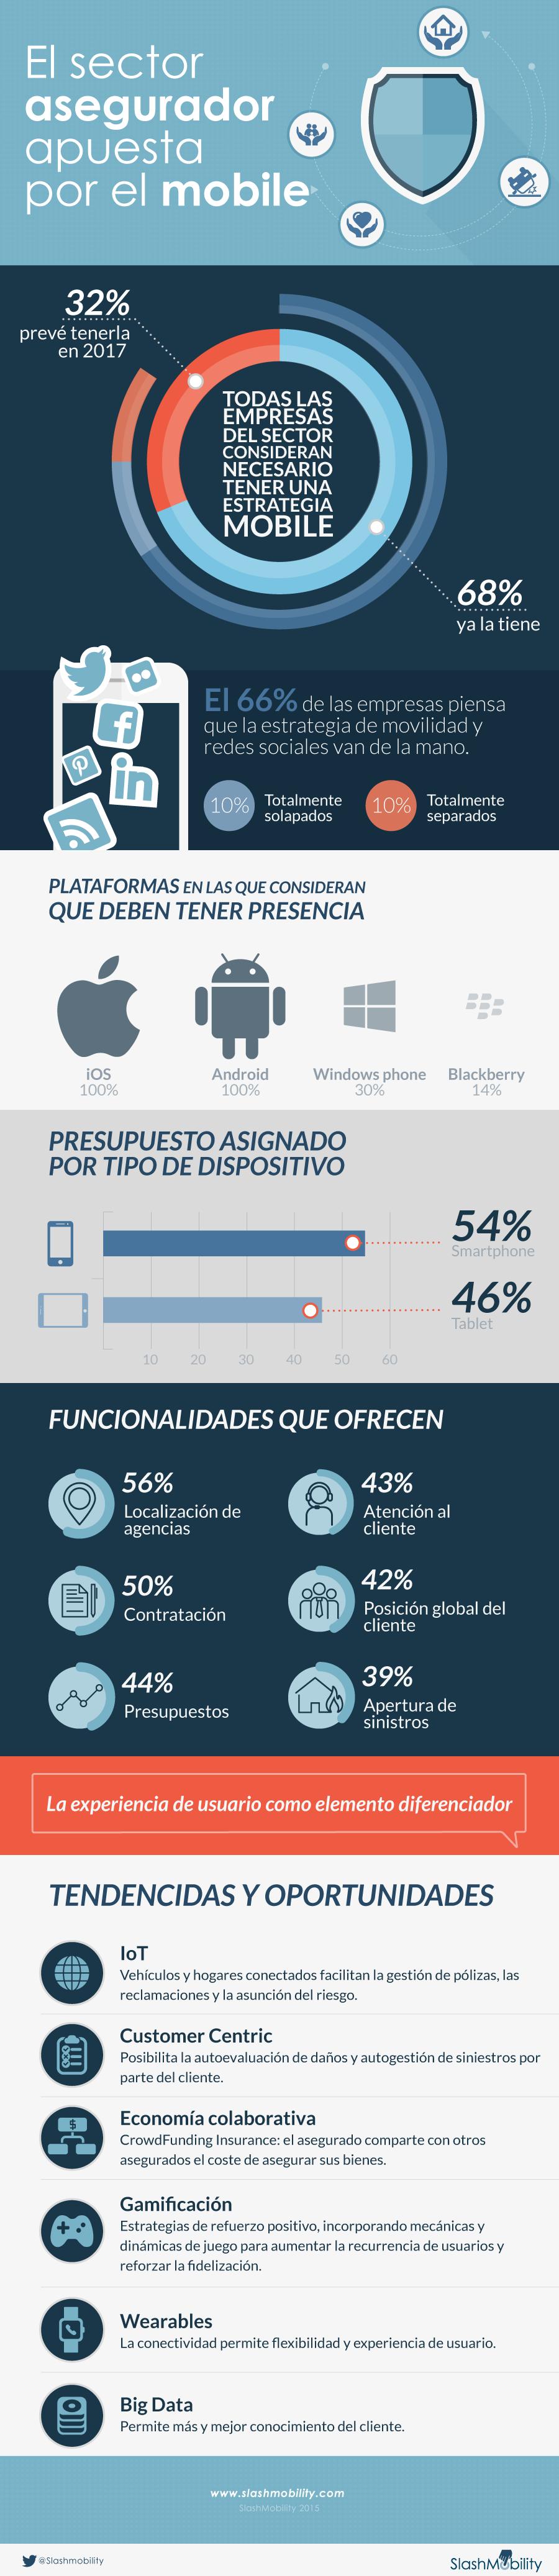 infografia minsurance